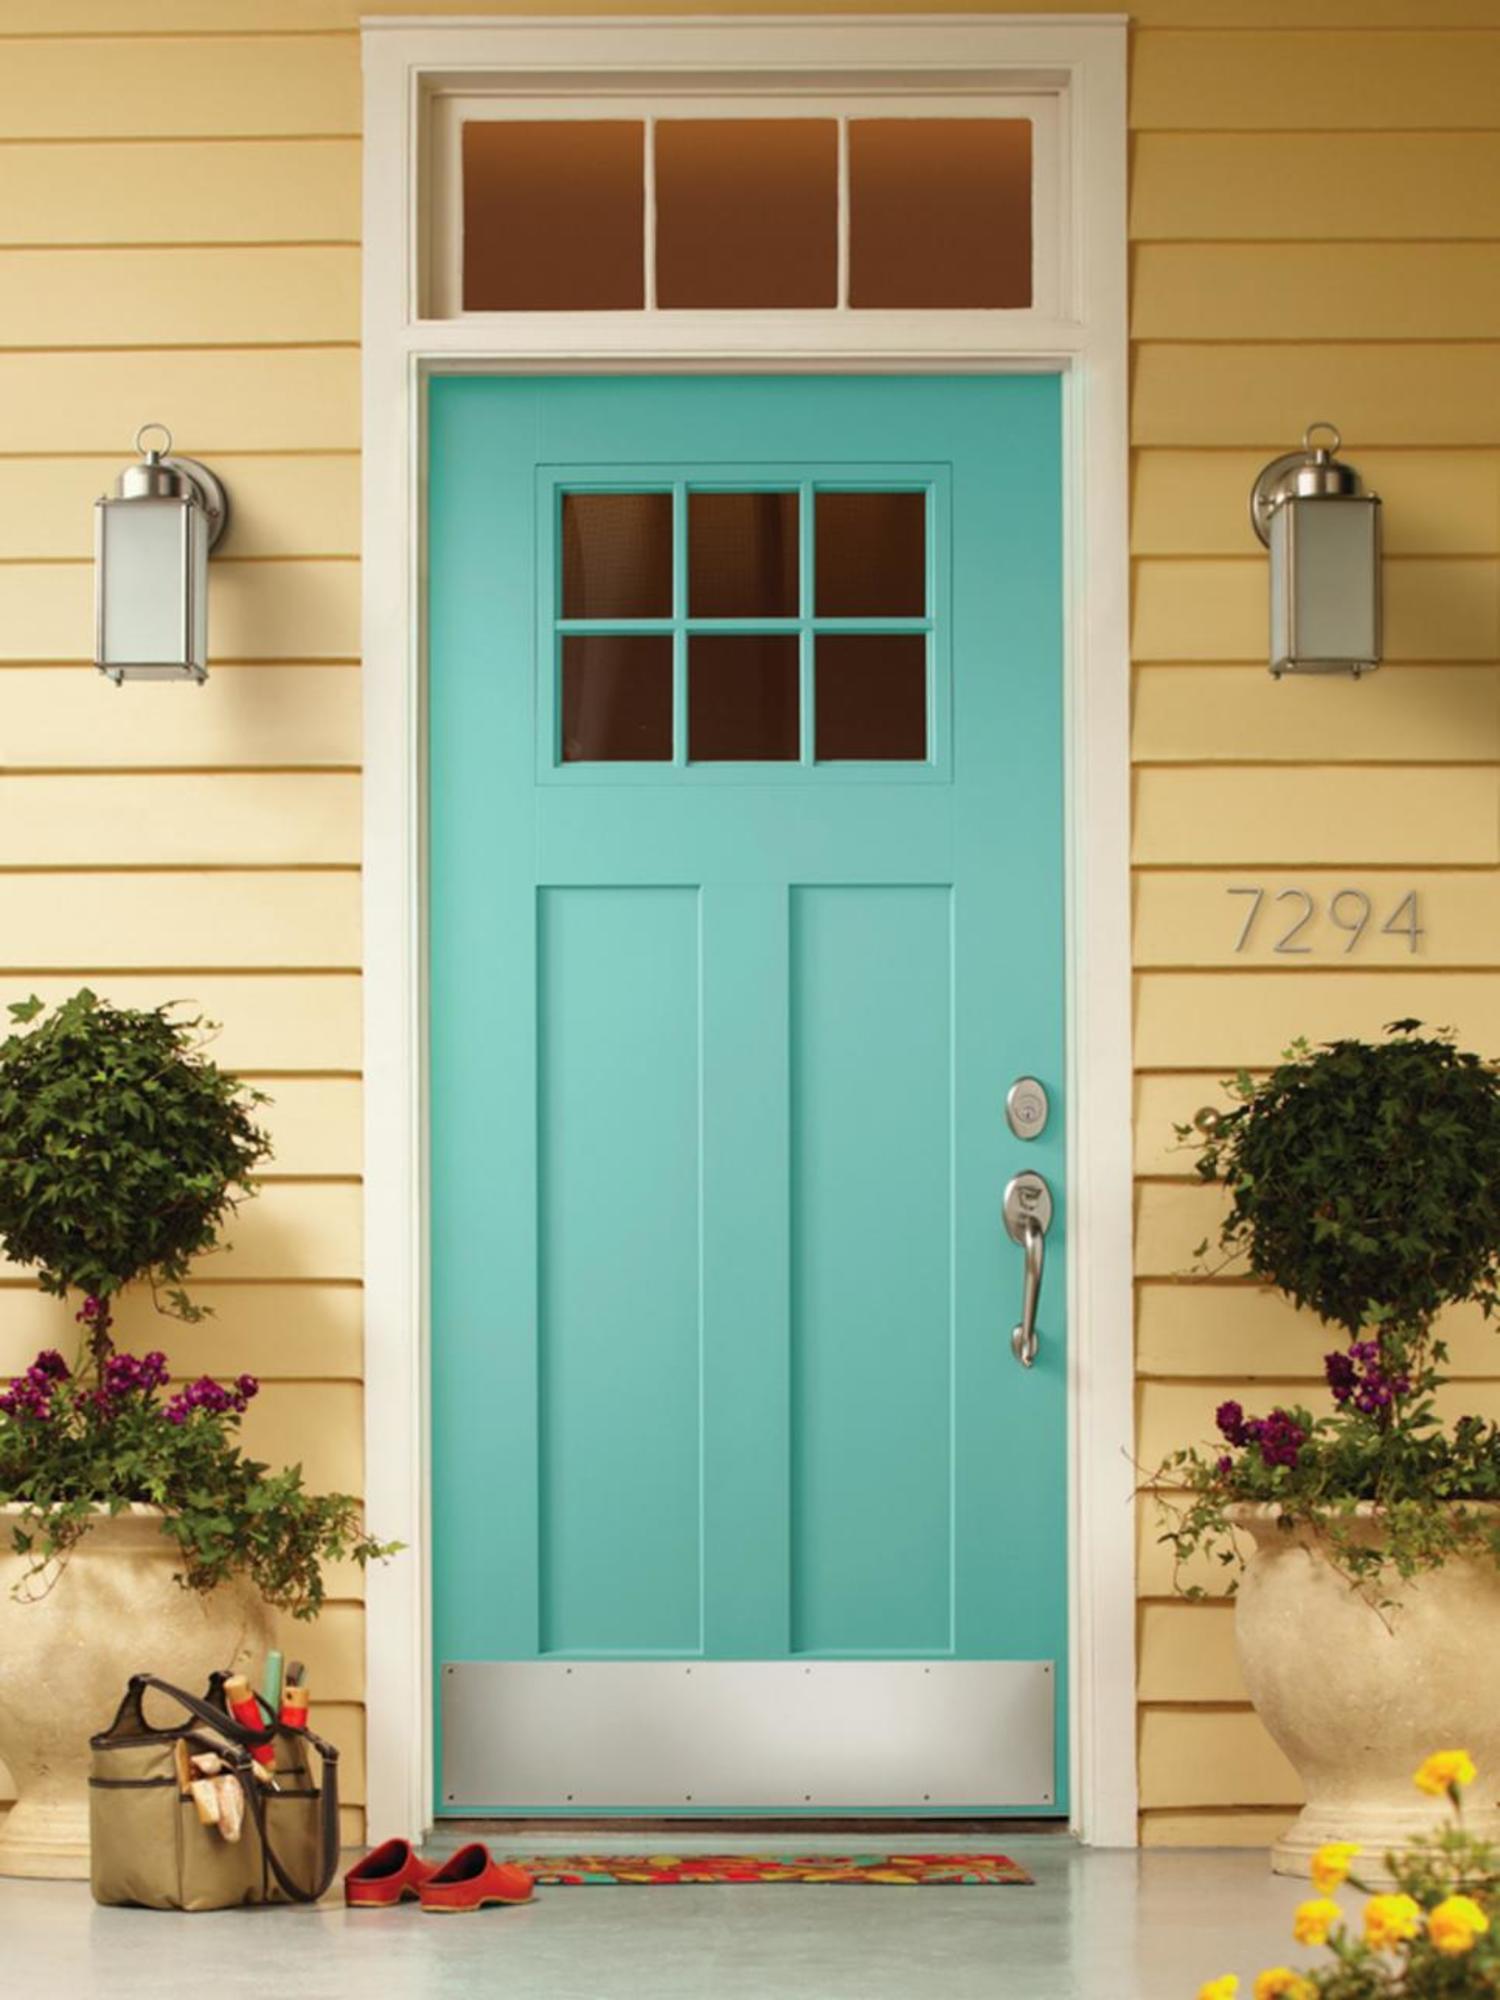 CI_Favorite_Front_Door_Colors_The_Home_Depot.jpg.rend.hgtvcom.966.1288.jpeg